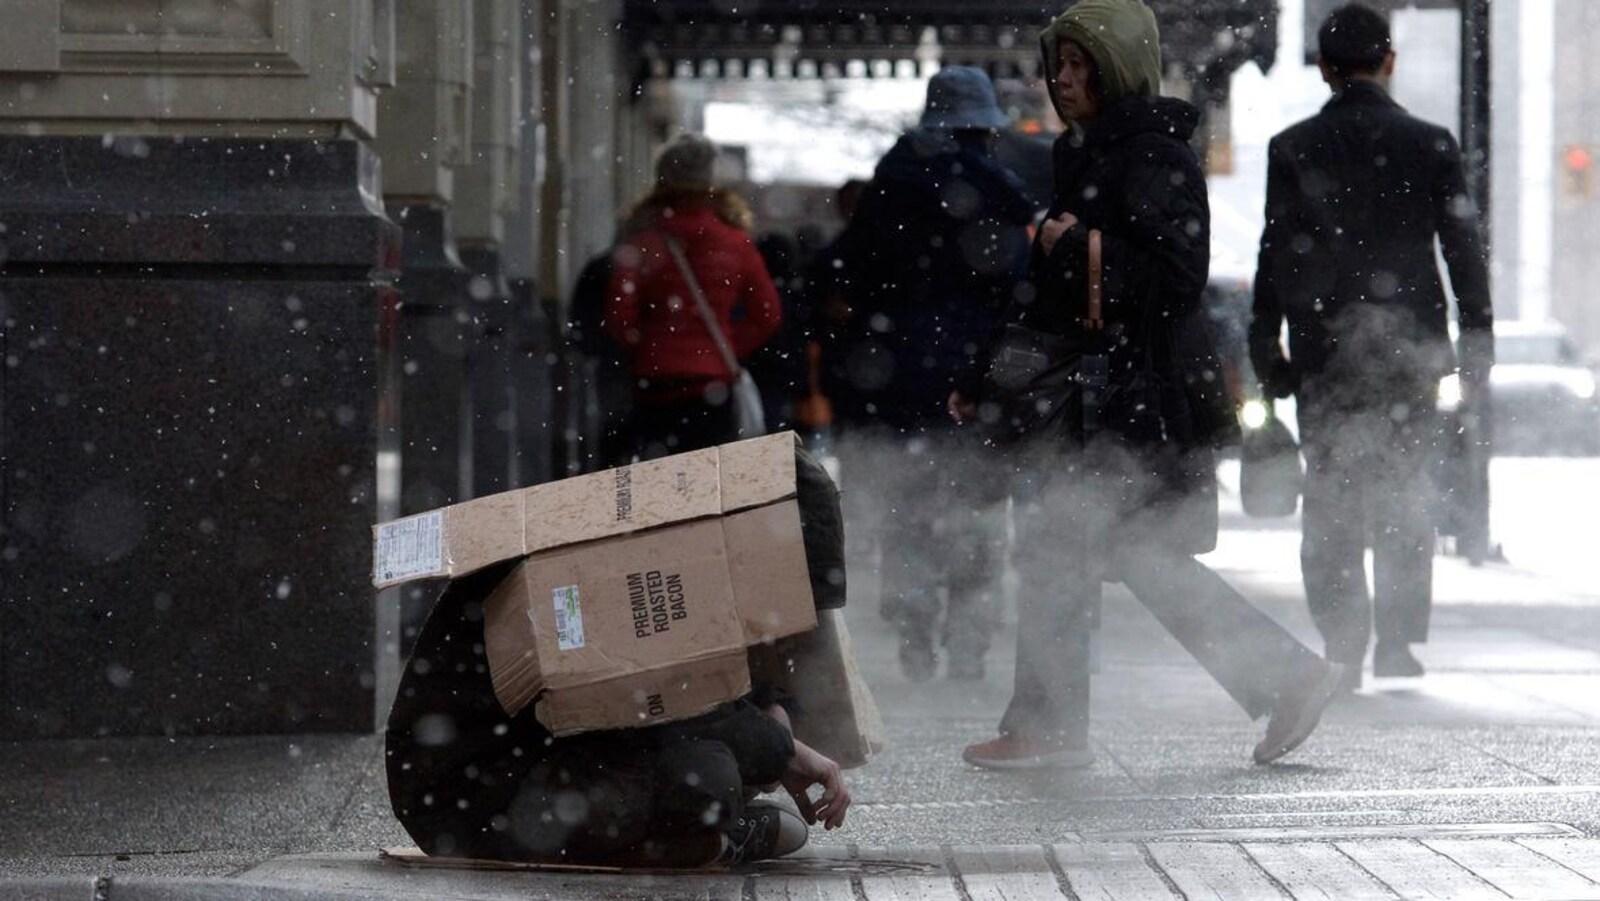 Un sans-abri assis dans le rue, avec des passants en arrière-plan